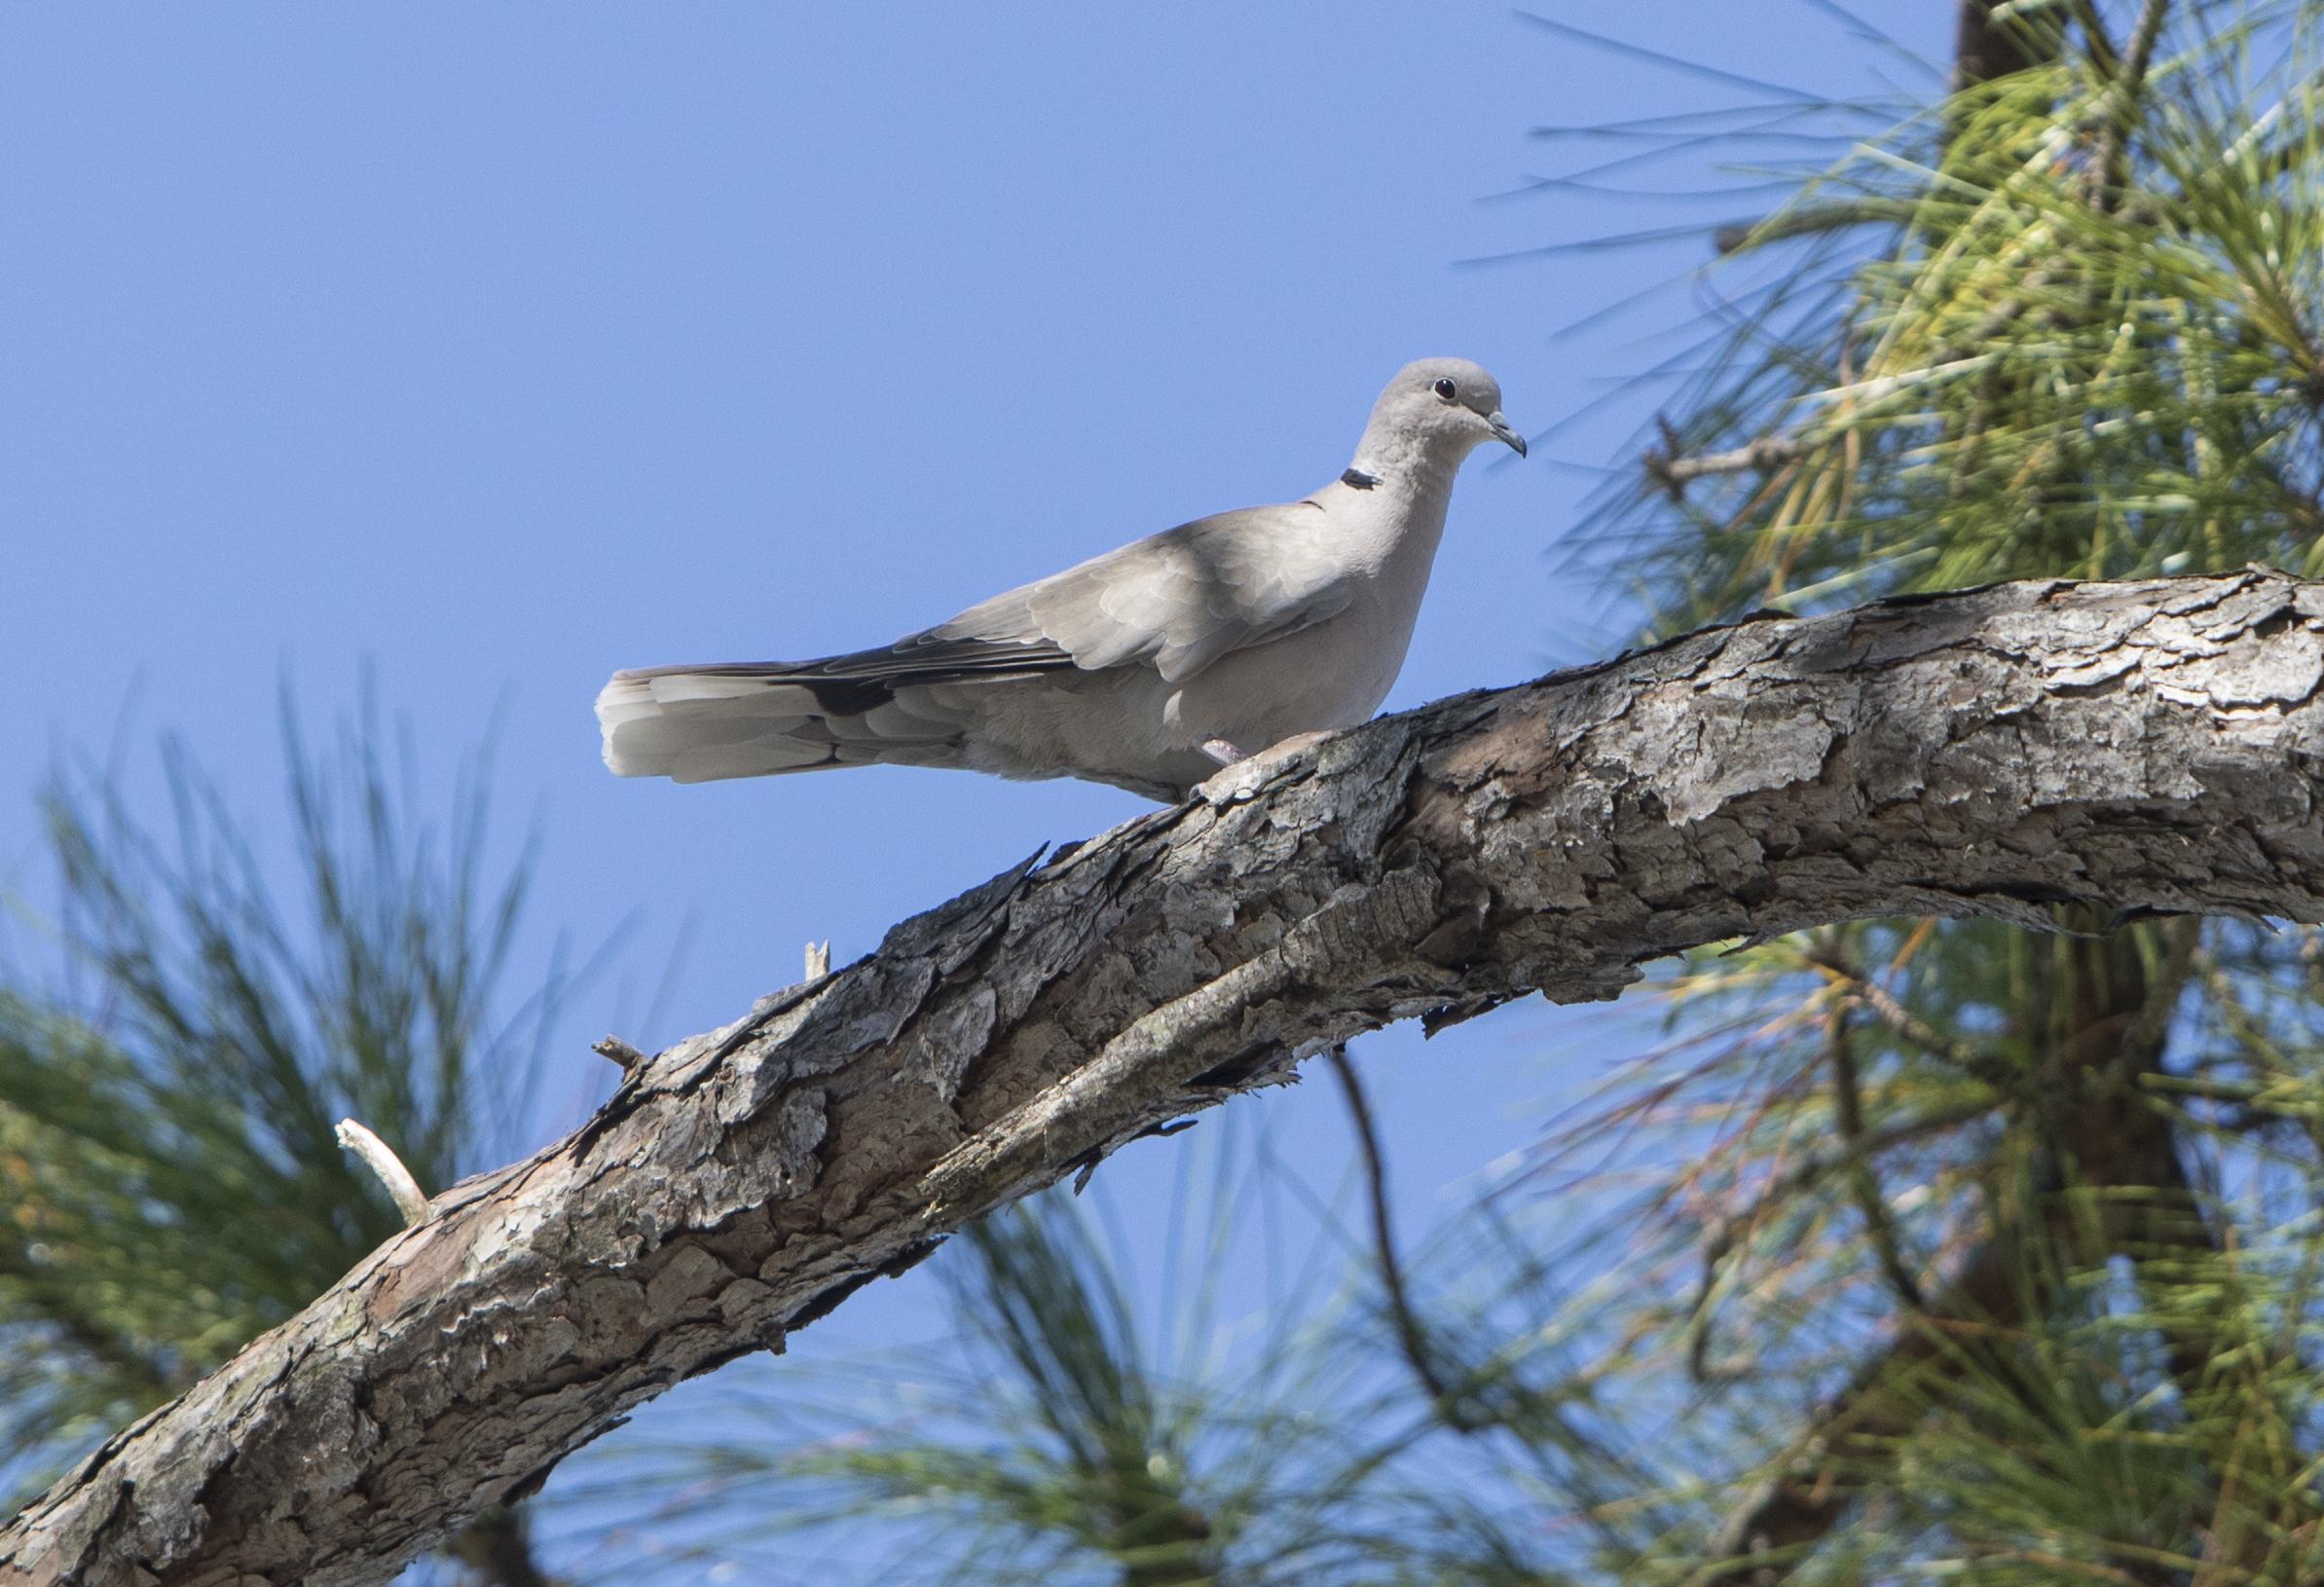 dove 2 in pine closer.jpg